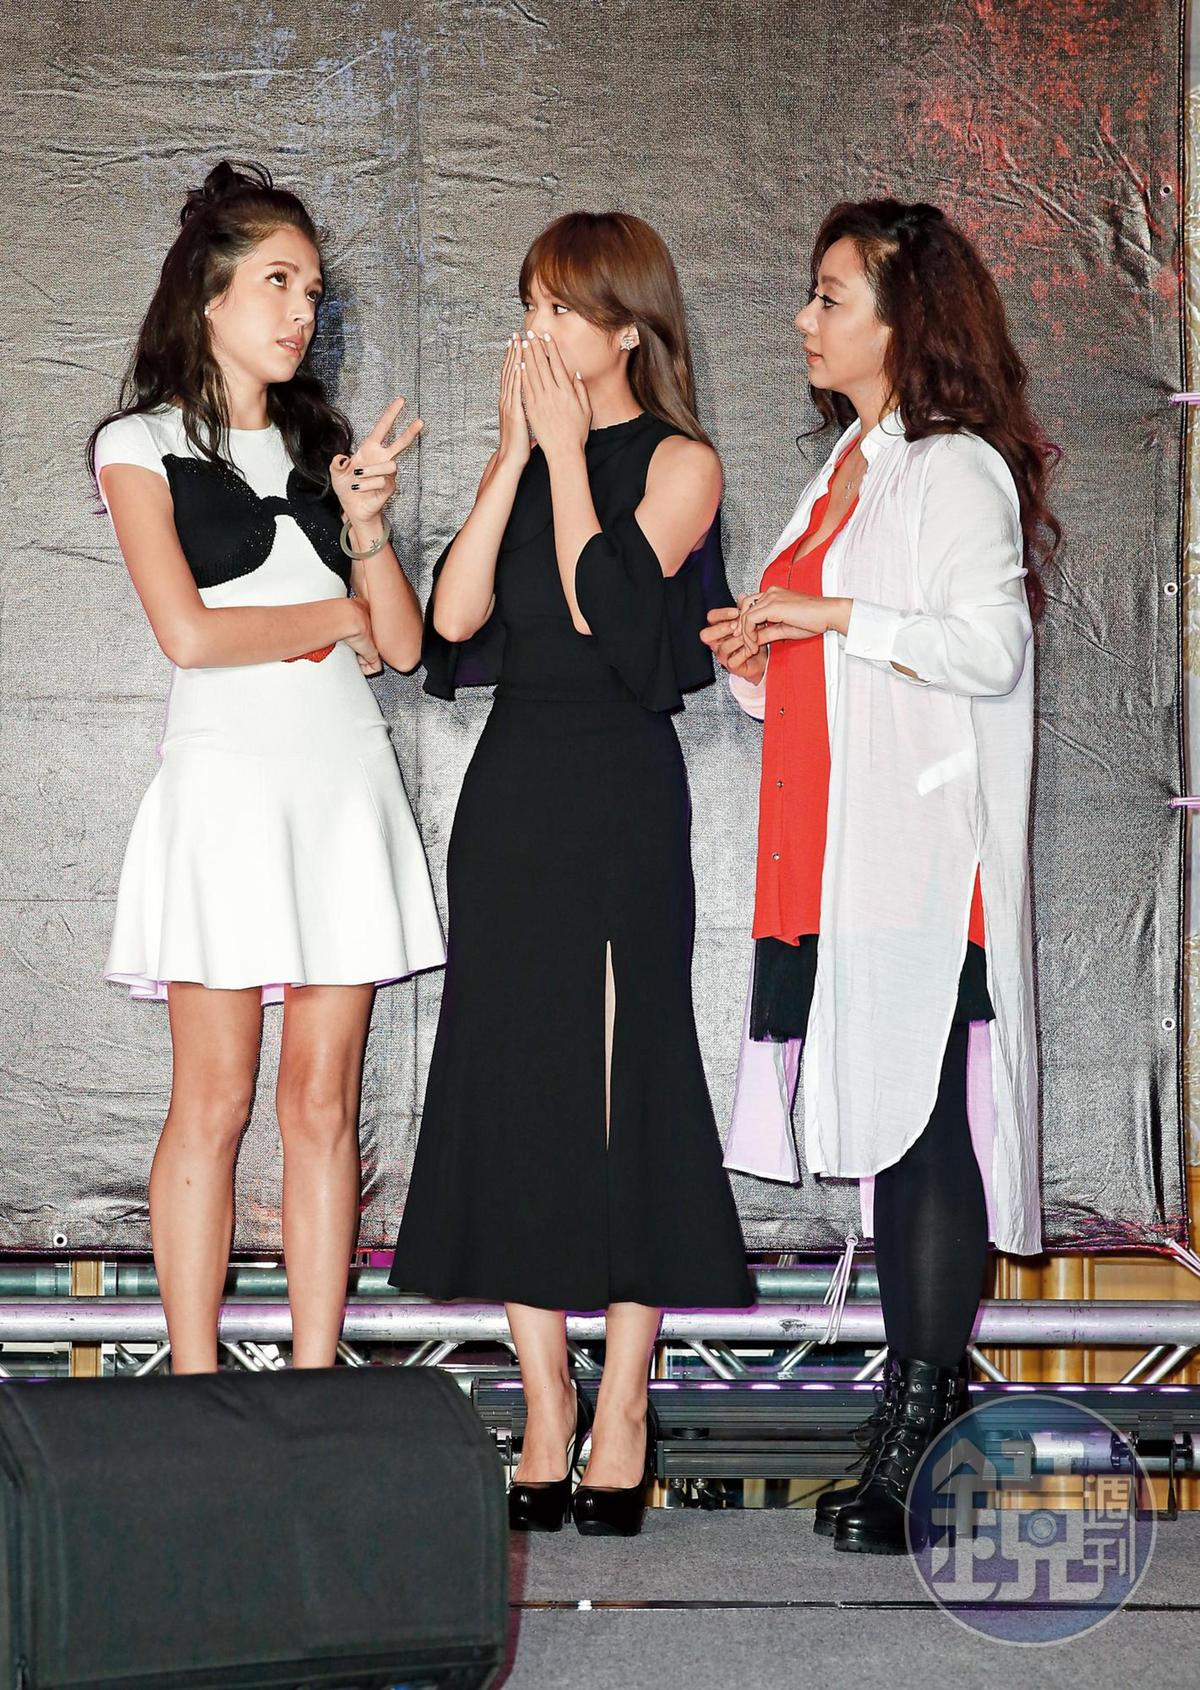 許瑋甯(左)以《紅衣小女孩》系列成為驚悚片界的翹楚,並且成為她的代表作。中為楊丞琳、右為高慧君。